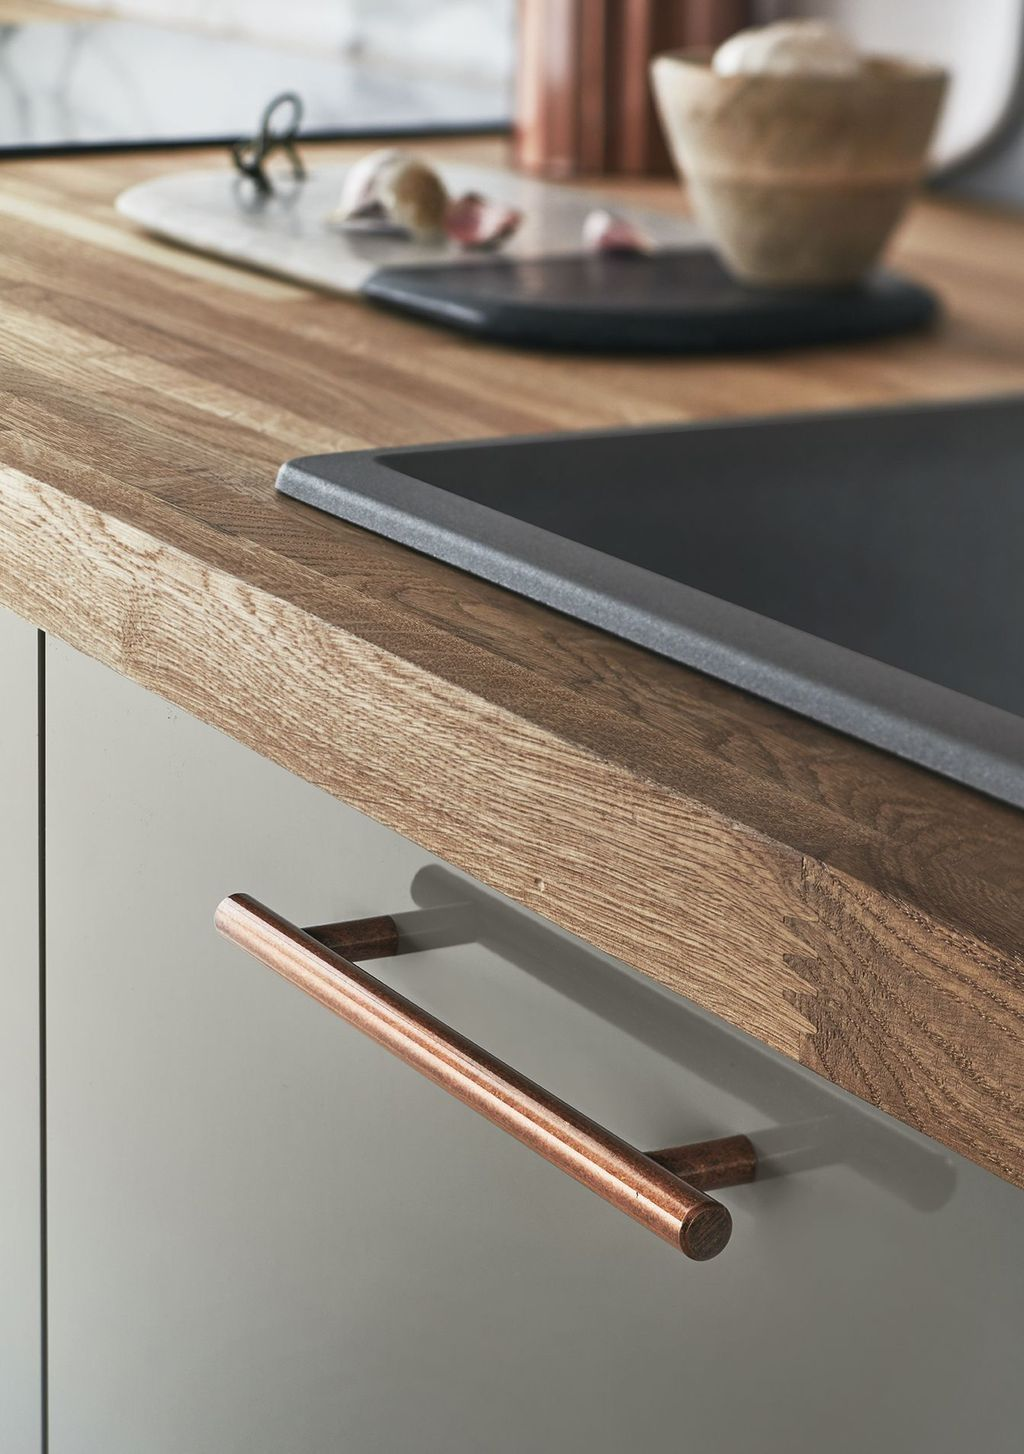 Maniglie X Mobili Da Cucina 40 inspiring rustic kitchen cabinet design ideas | arredo